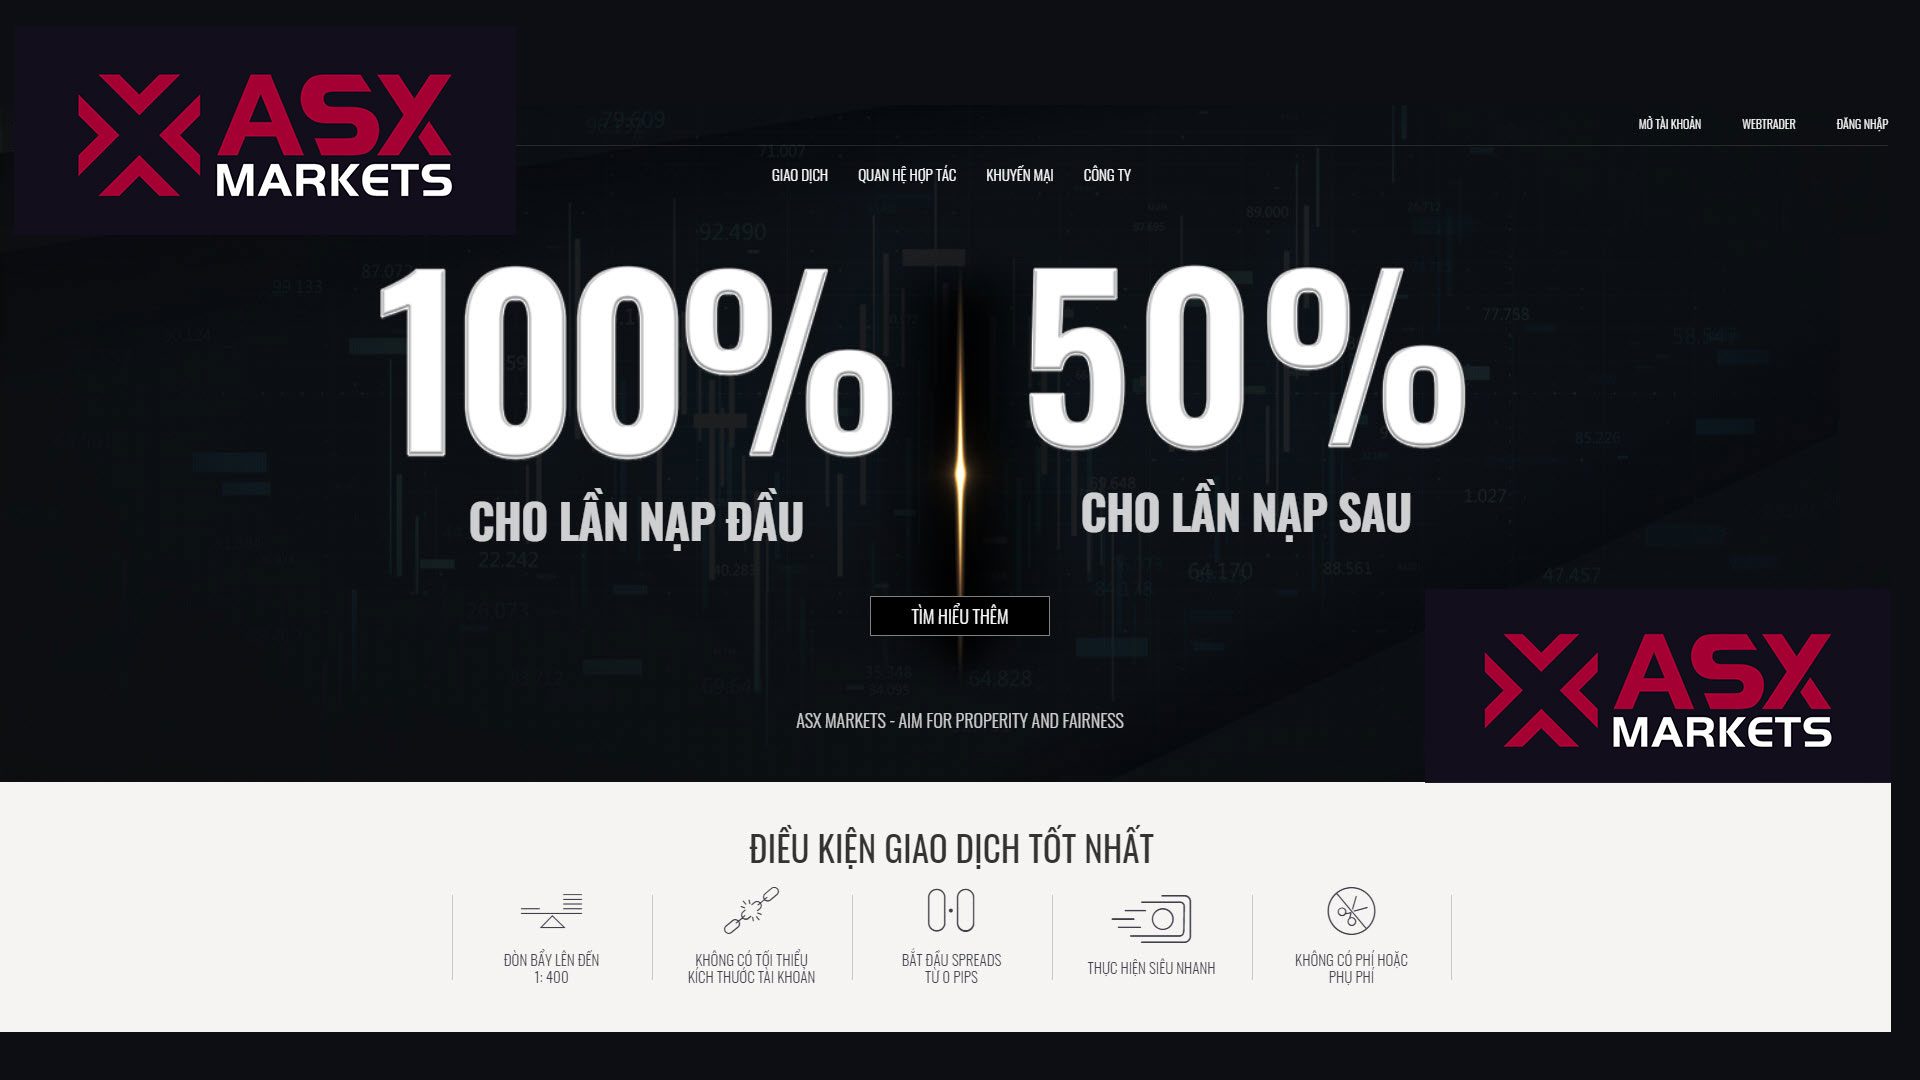 Photo of Sàn Giao Dịch ASX Markets Có Gì Thu Hút?